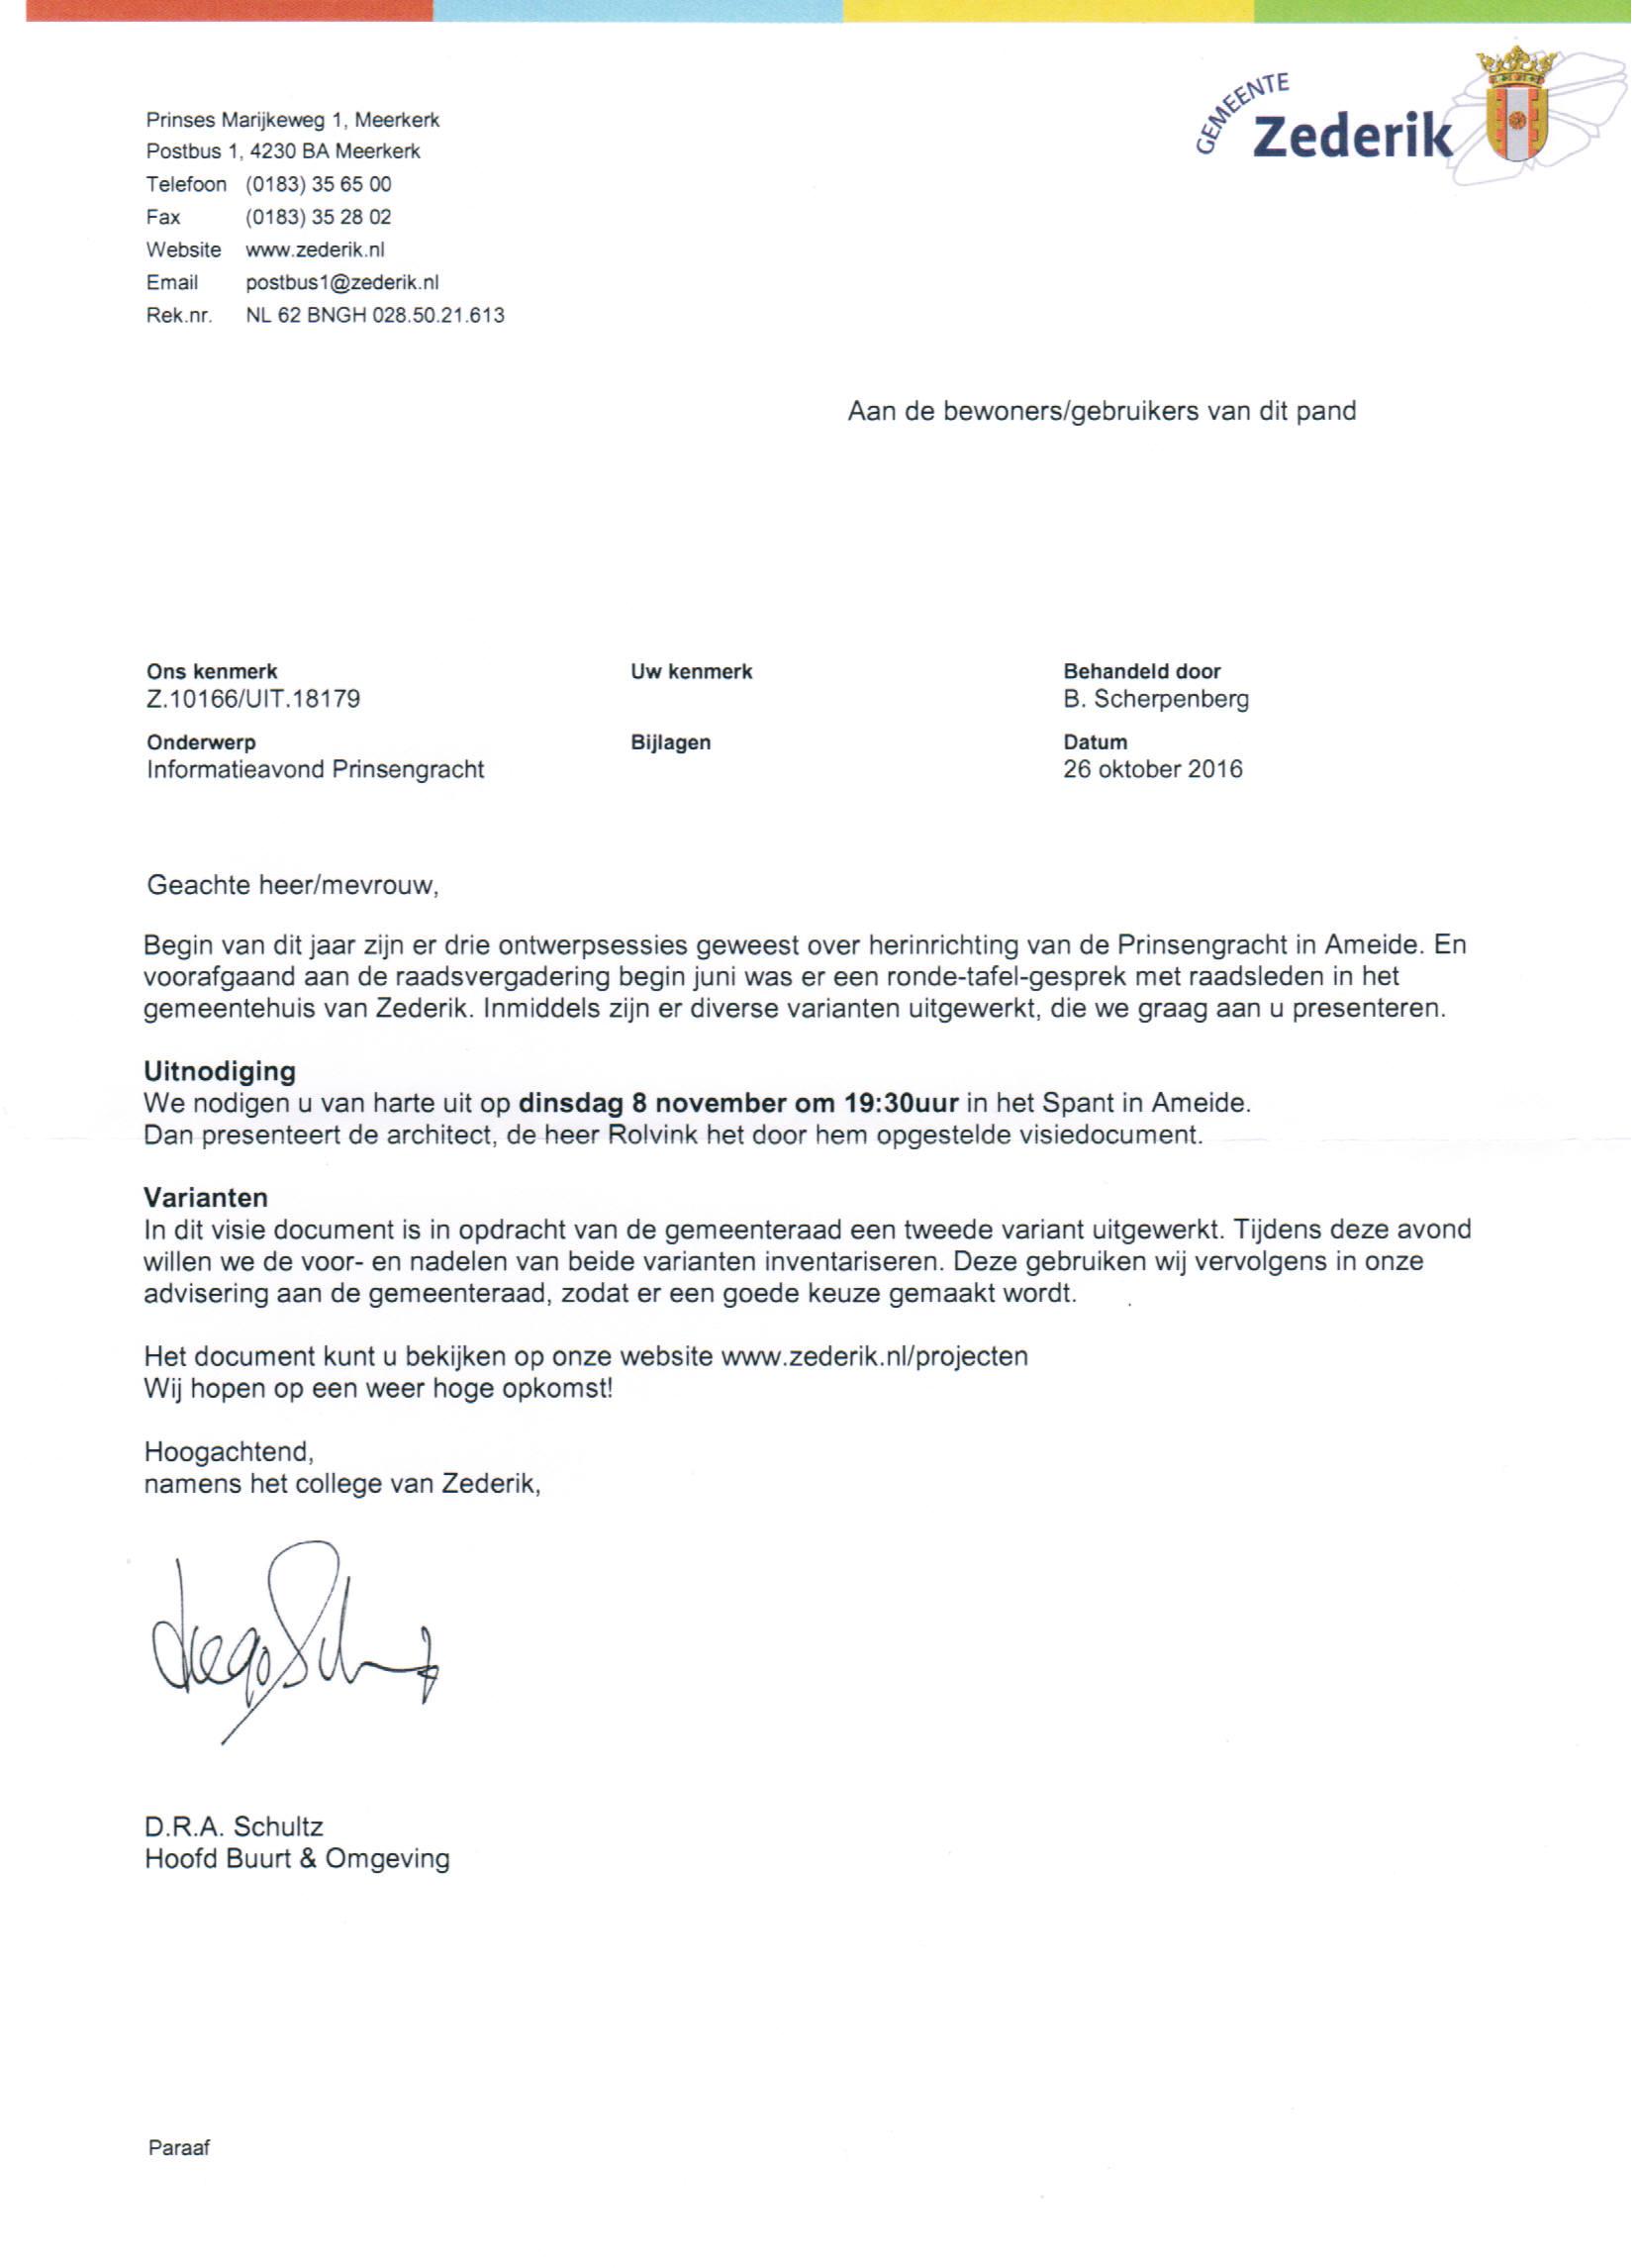 brief-zederik-prinsengracht-2016-10-26